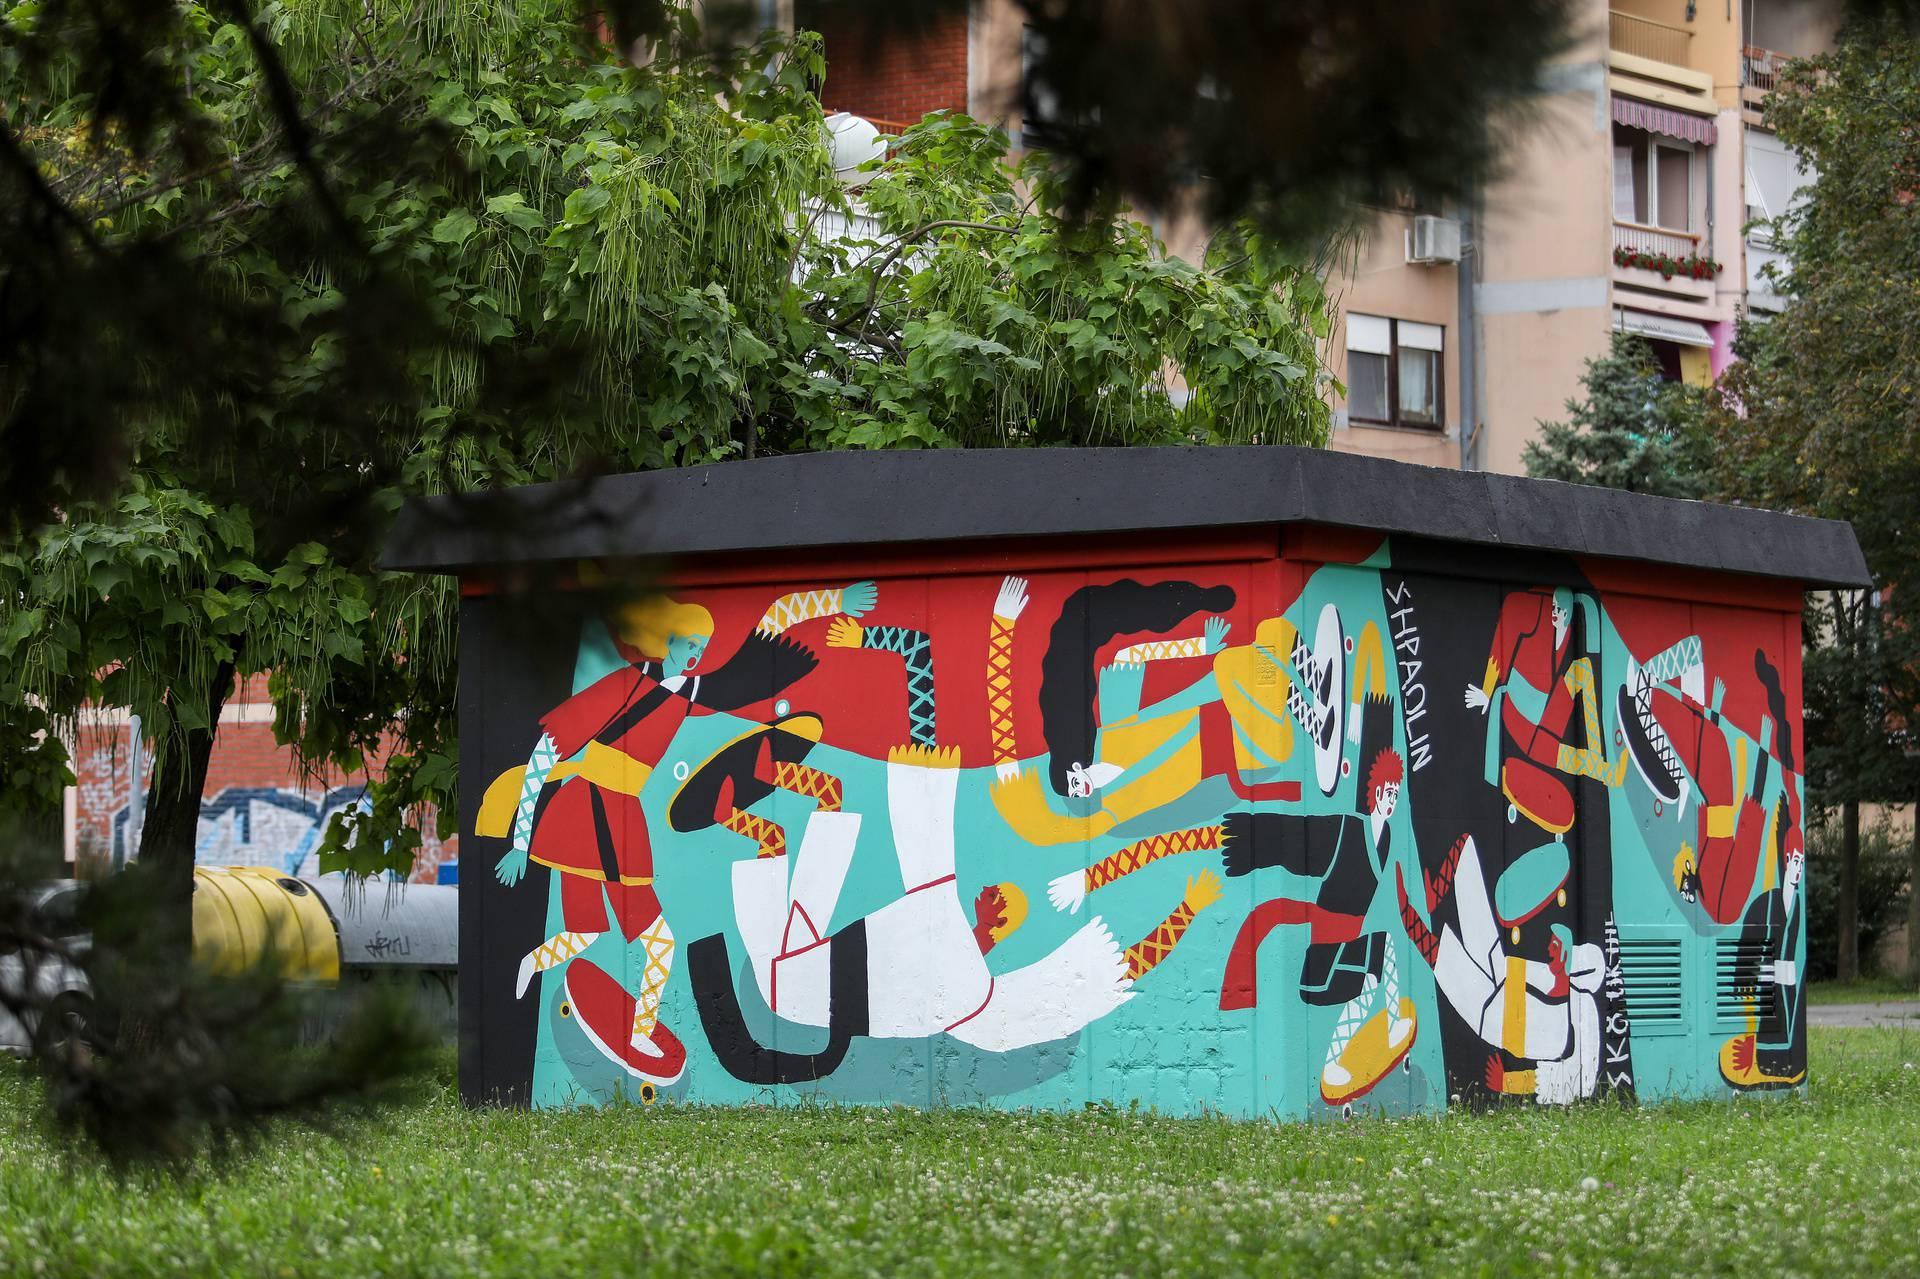 Trafostanice su ukrasili murali raznih akademskih umjetnika